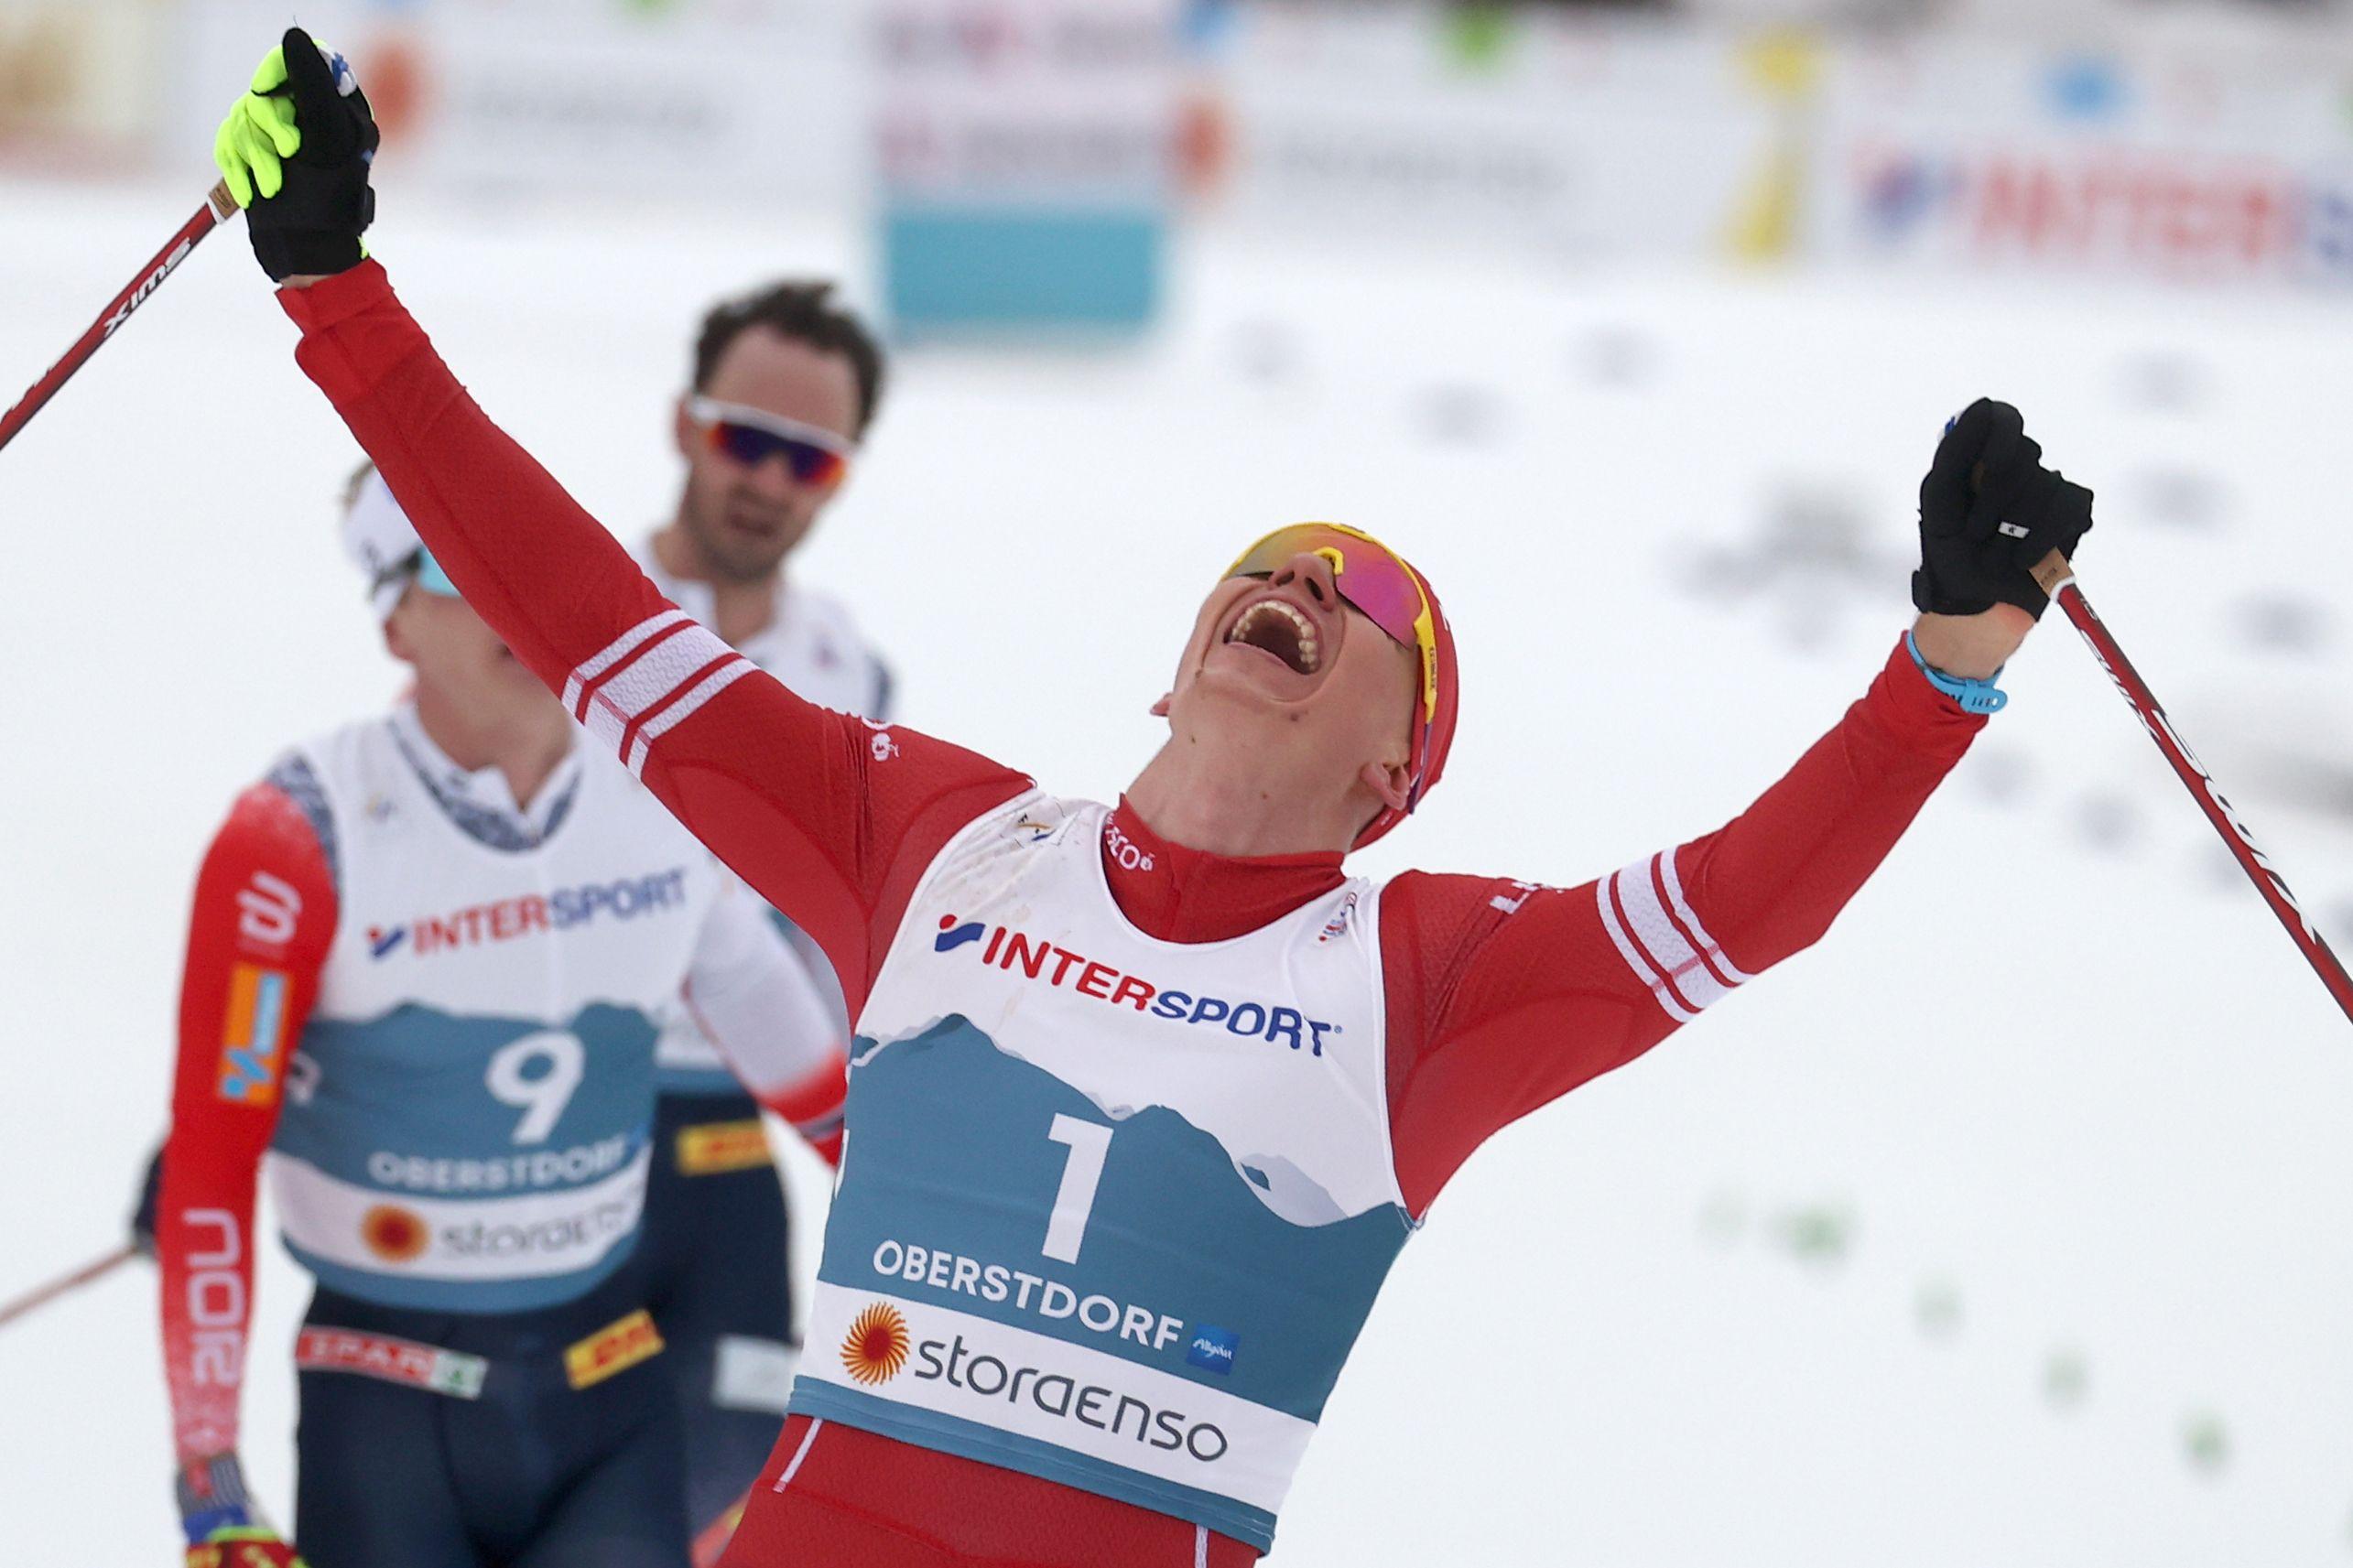 Легков - о победе Большунова в скиатлоне: 'Гонка, которую захочется пересматривать'